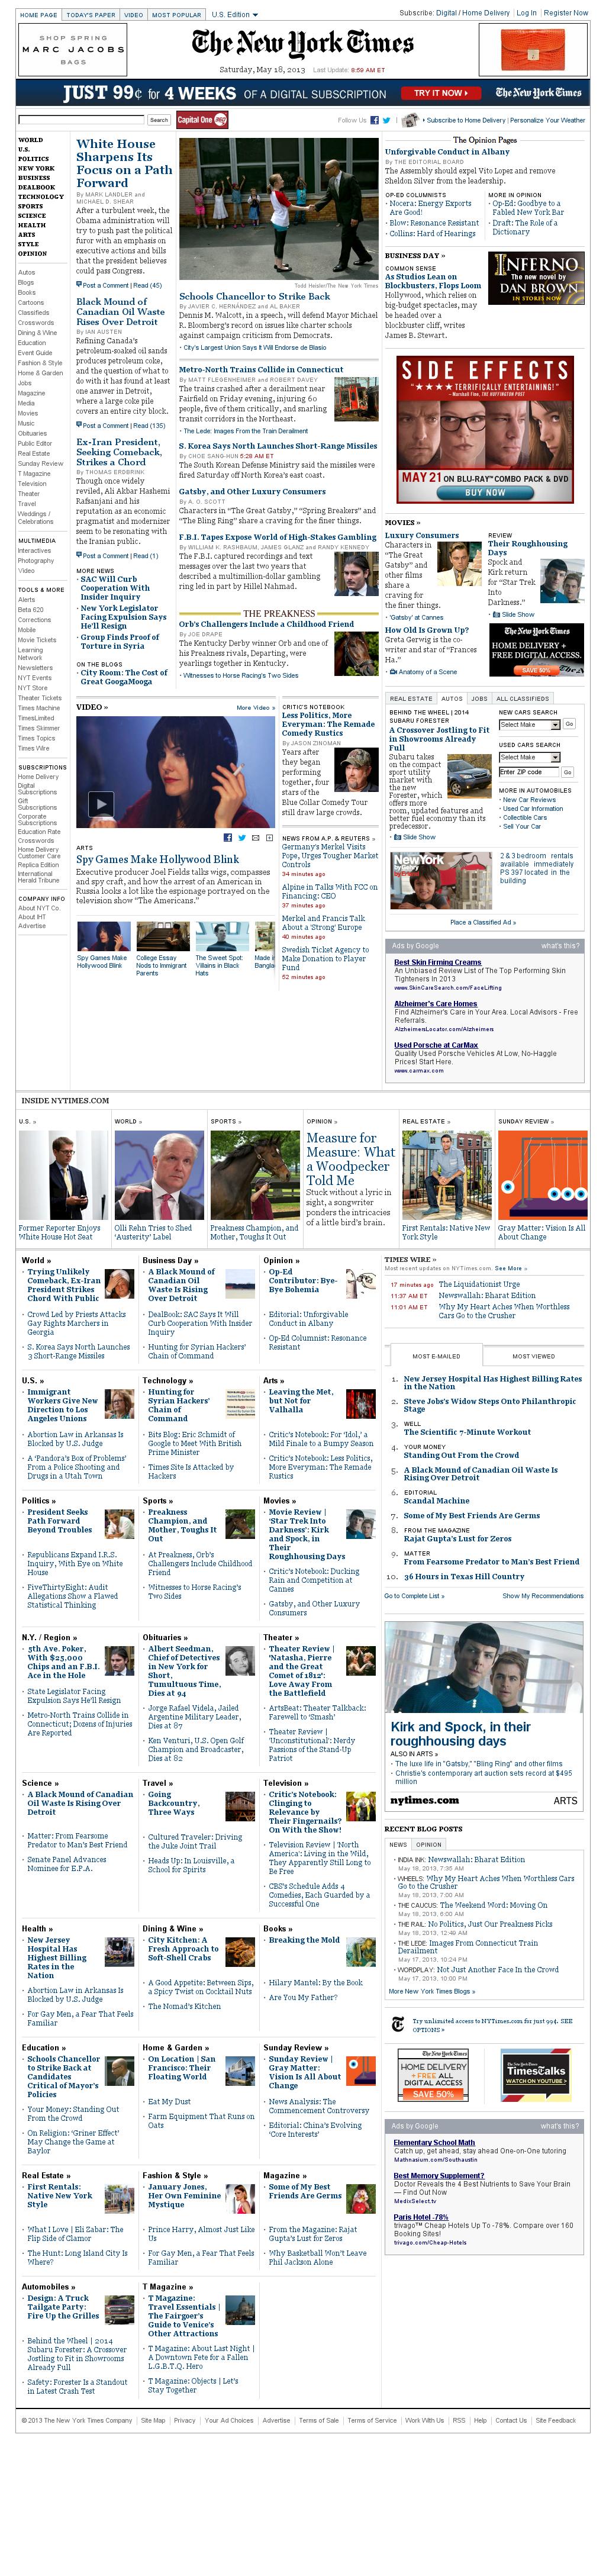 The New York Times at Saturday May 18, 2013, 1:18 p.m. UTC